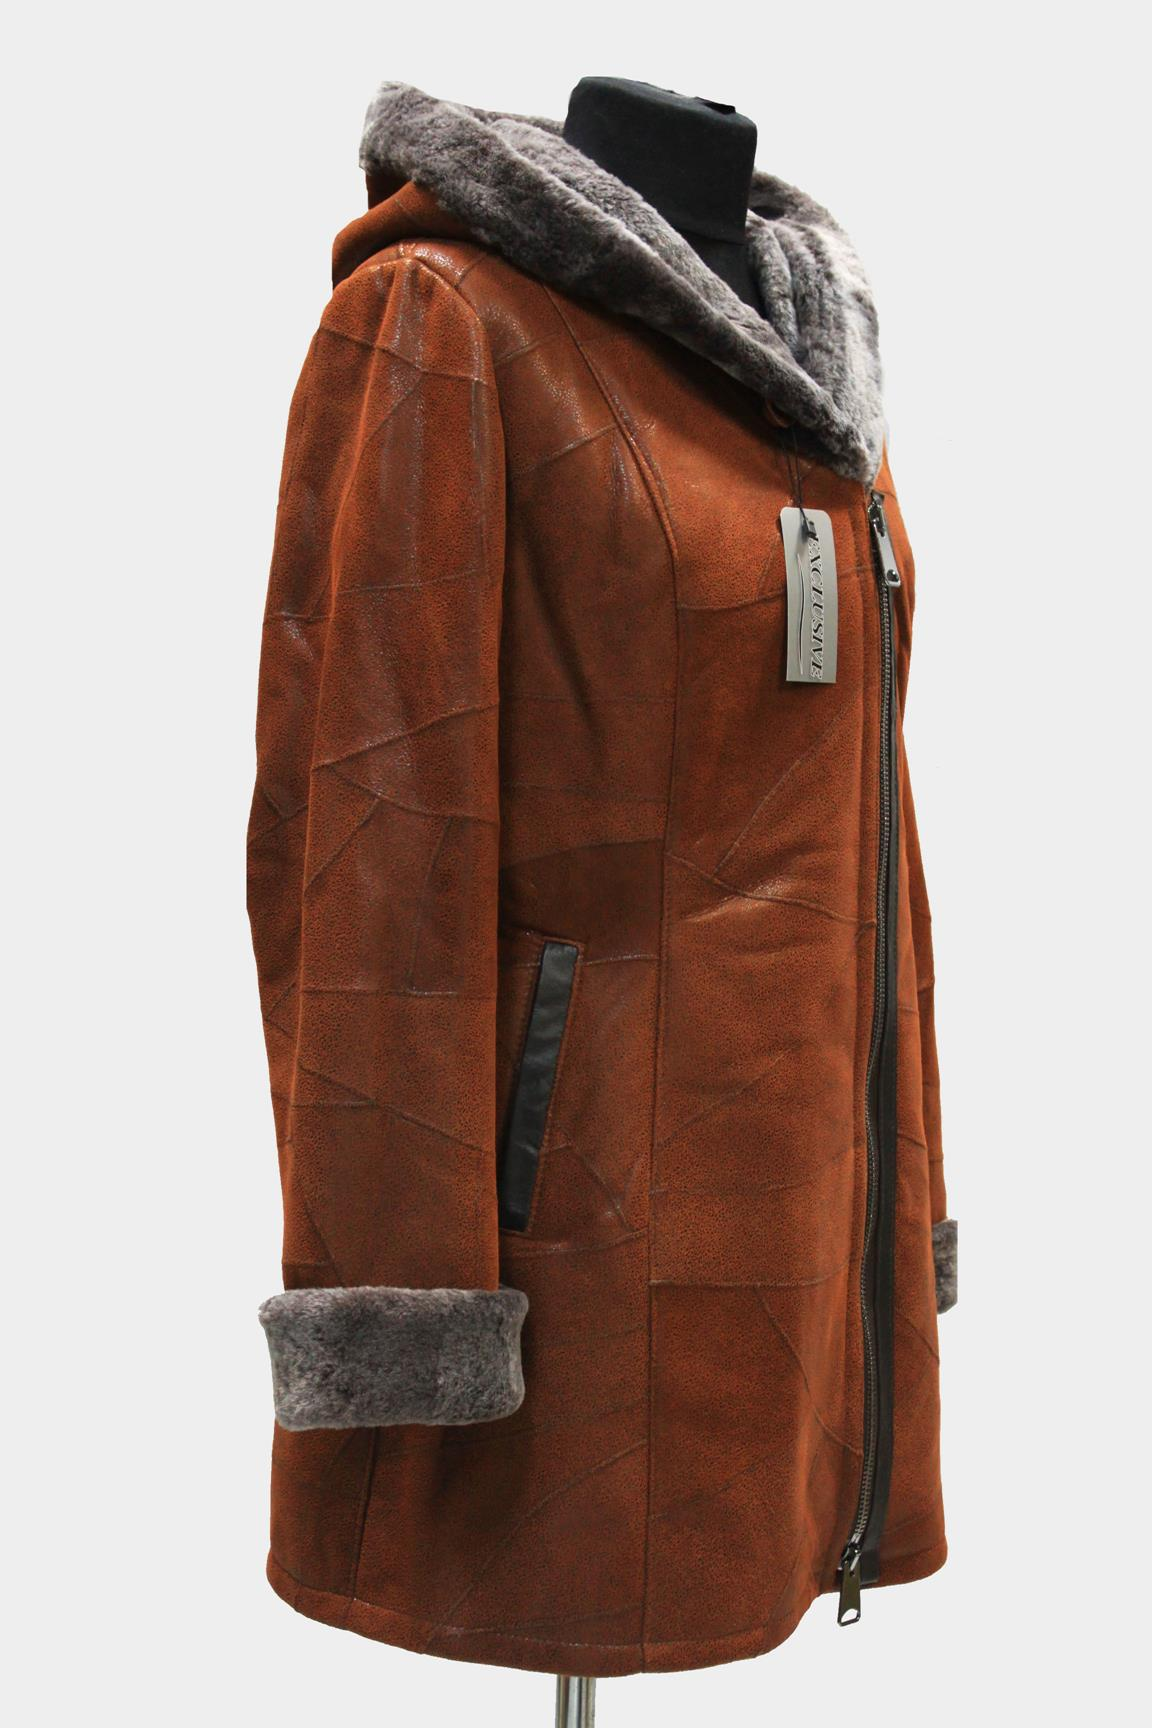 kożuch kurtka futro jorfa czerwony kozuch